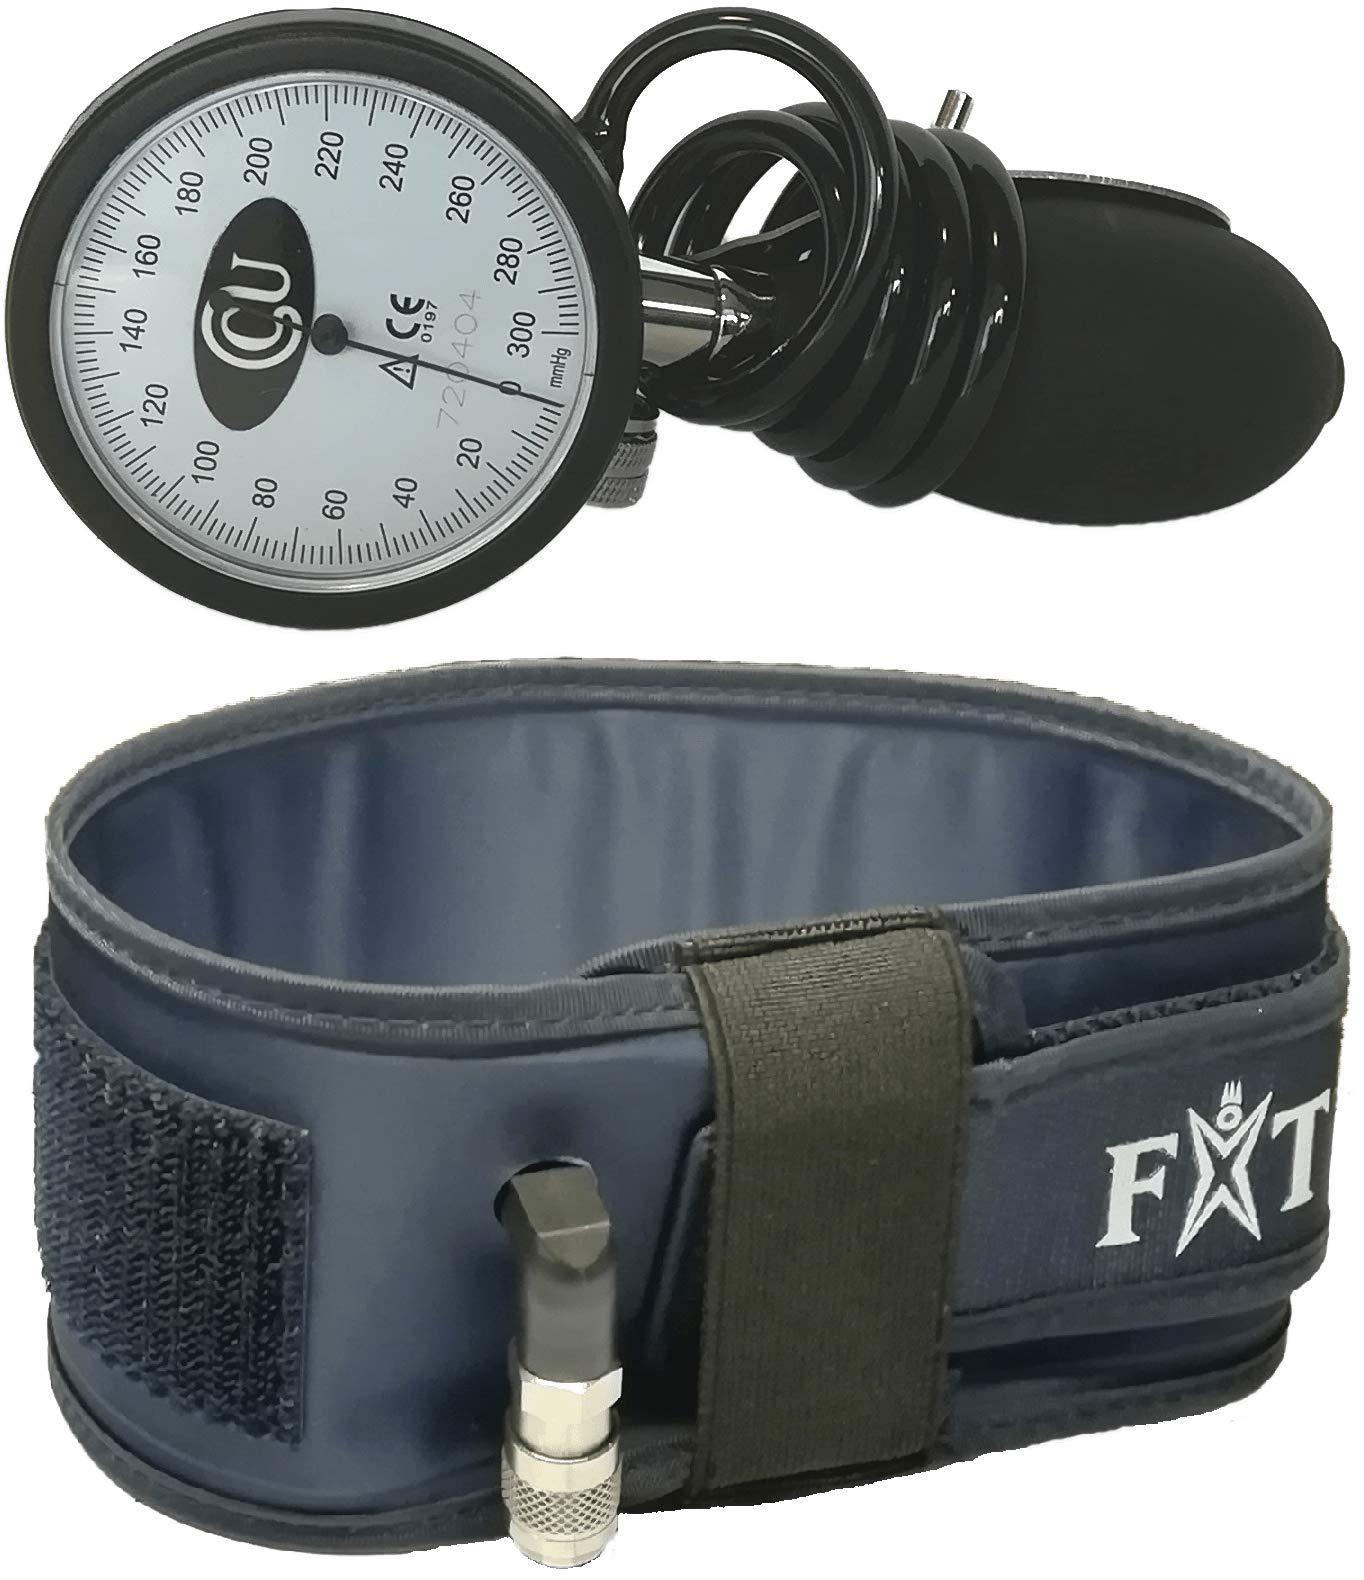 Fit Cuffs (Rehab – Upper Body